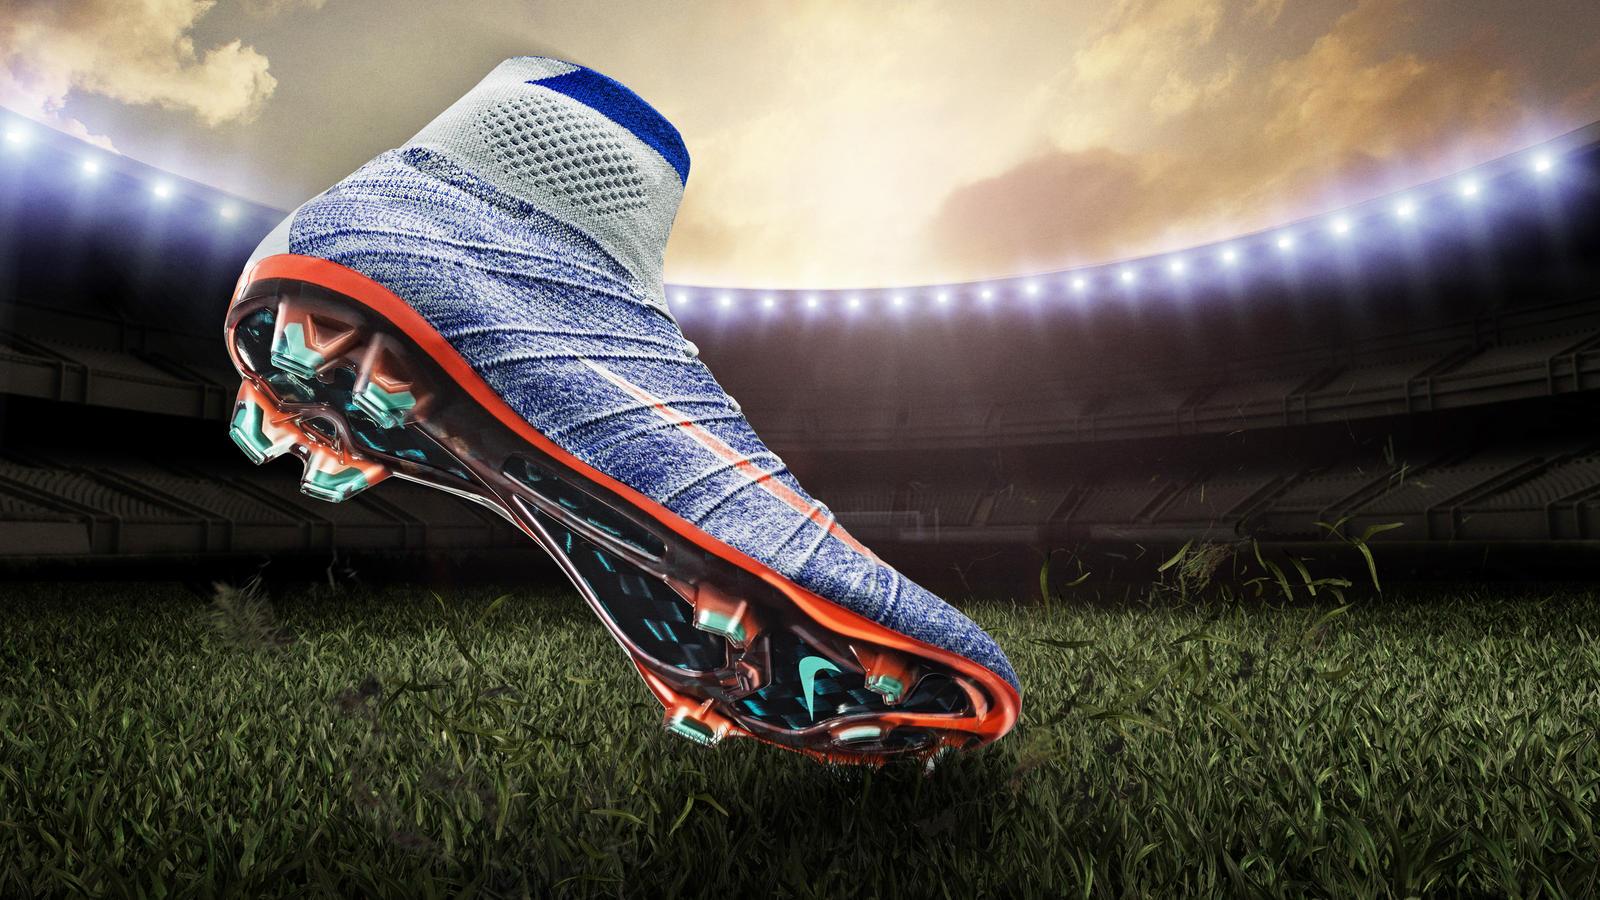 e63365bb204c5 إذا كنت تفضل ممارسة كرة القدم على ملاعب النجيل الطبيعي فلا بد لك من شراء  الحذاء الرياضي الذي يحتوي نعله على الزيادات البارزة التقليدية؛ حتى توفر لك  الثبات ...